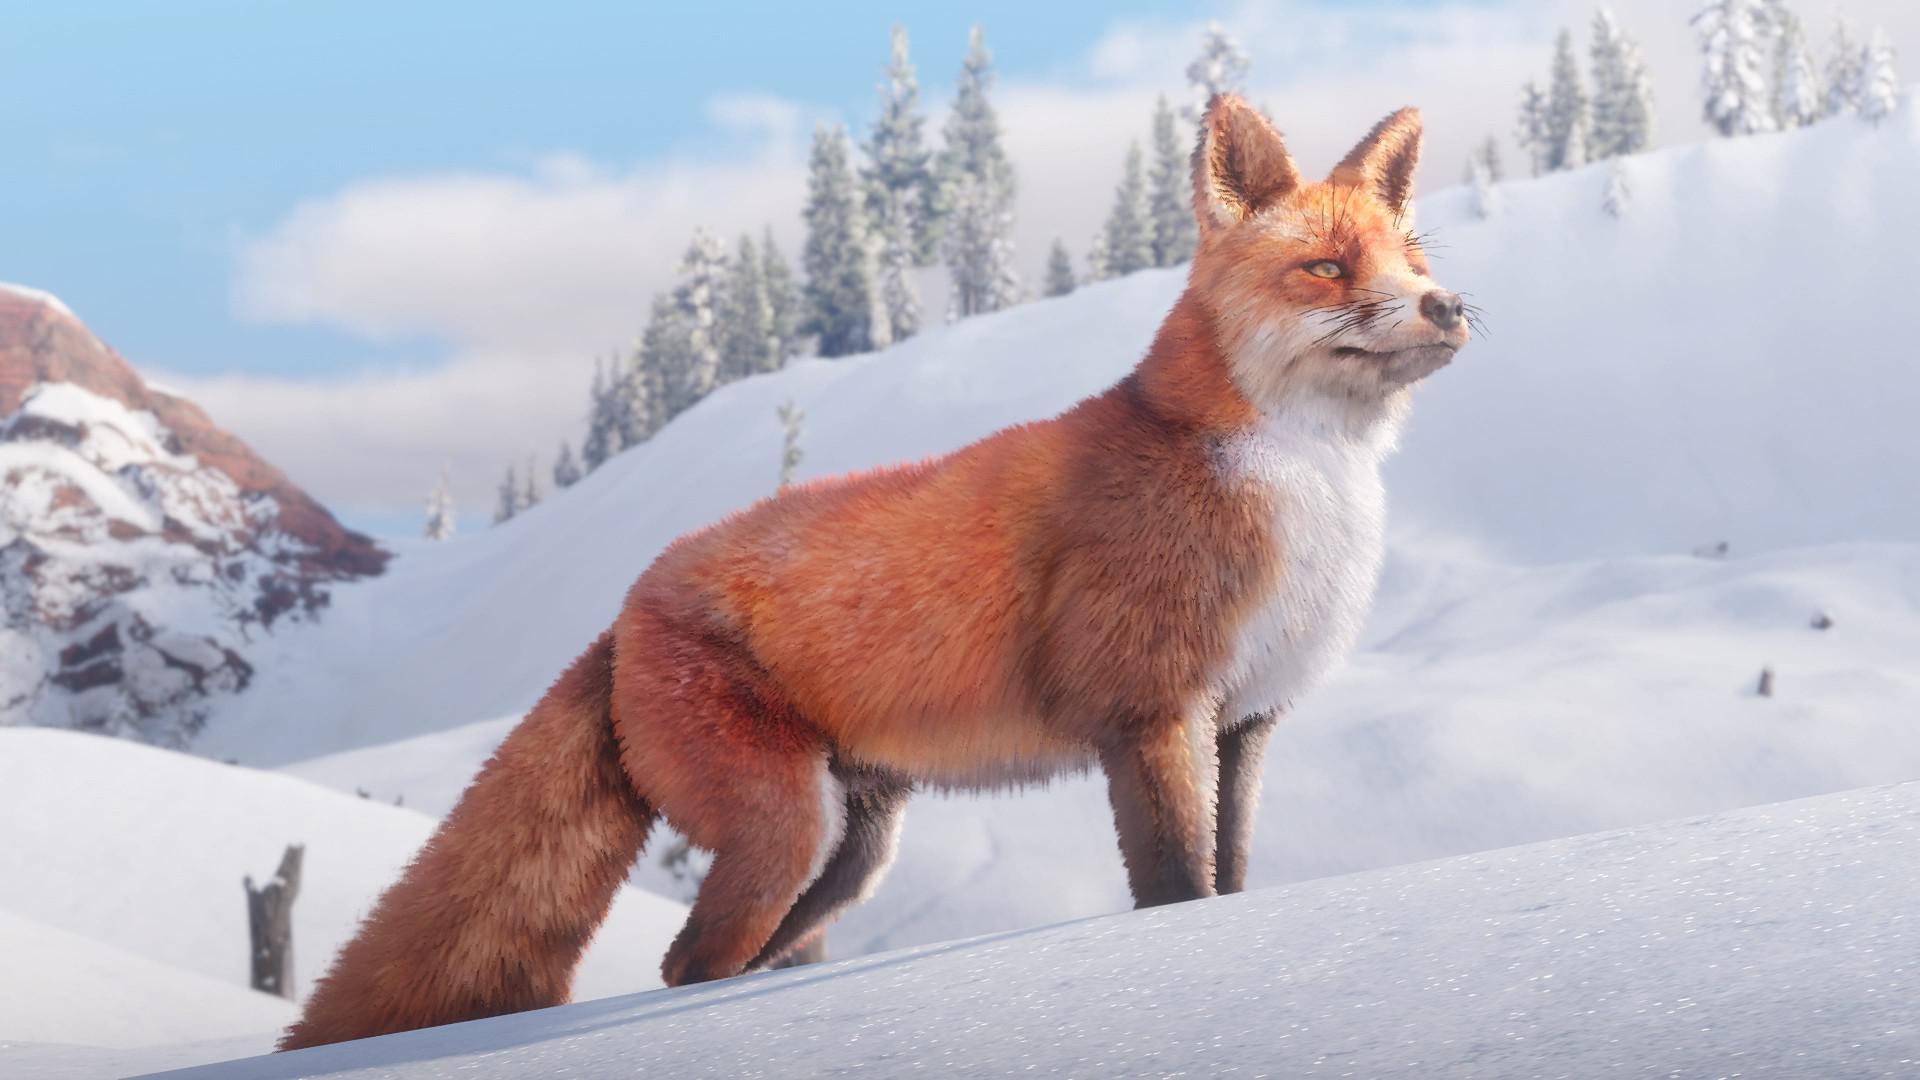 《荒野大镖客:救赎2》野生动物新截图 惟妙惟肖栩栩如生